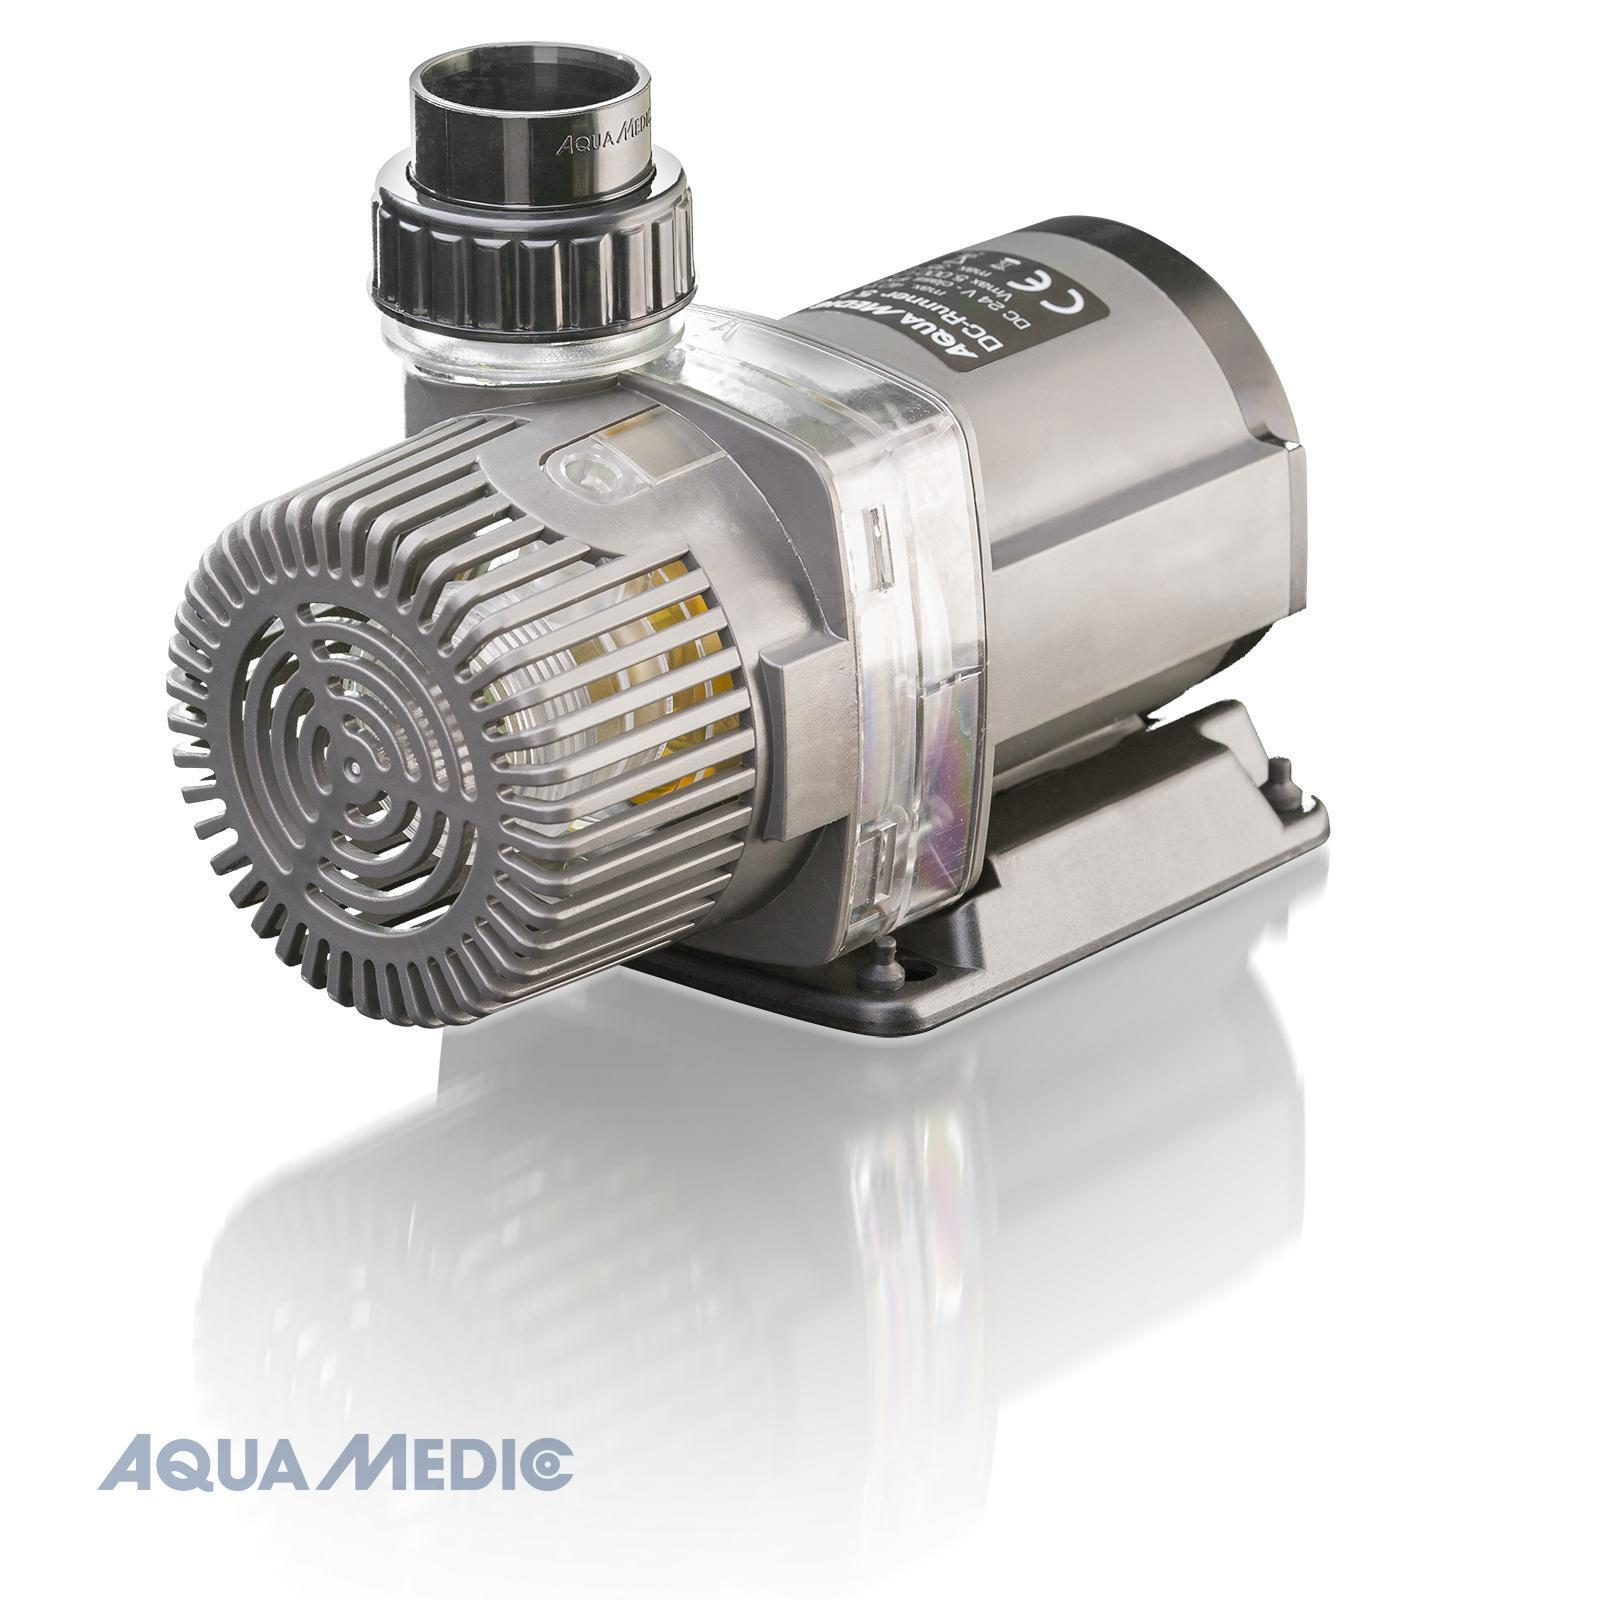 Aqua Medic Dc Corridore 3.2 Universale Pompa Acqua Marina Acquario Regolabile